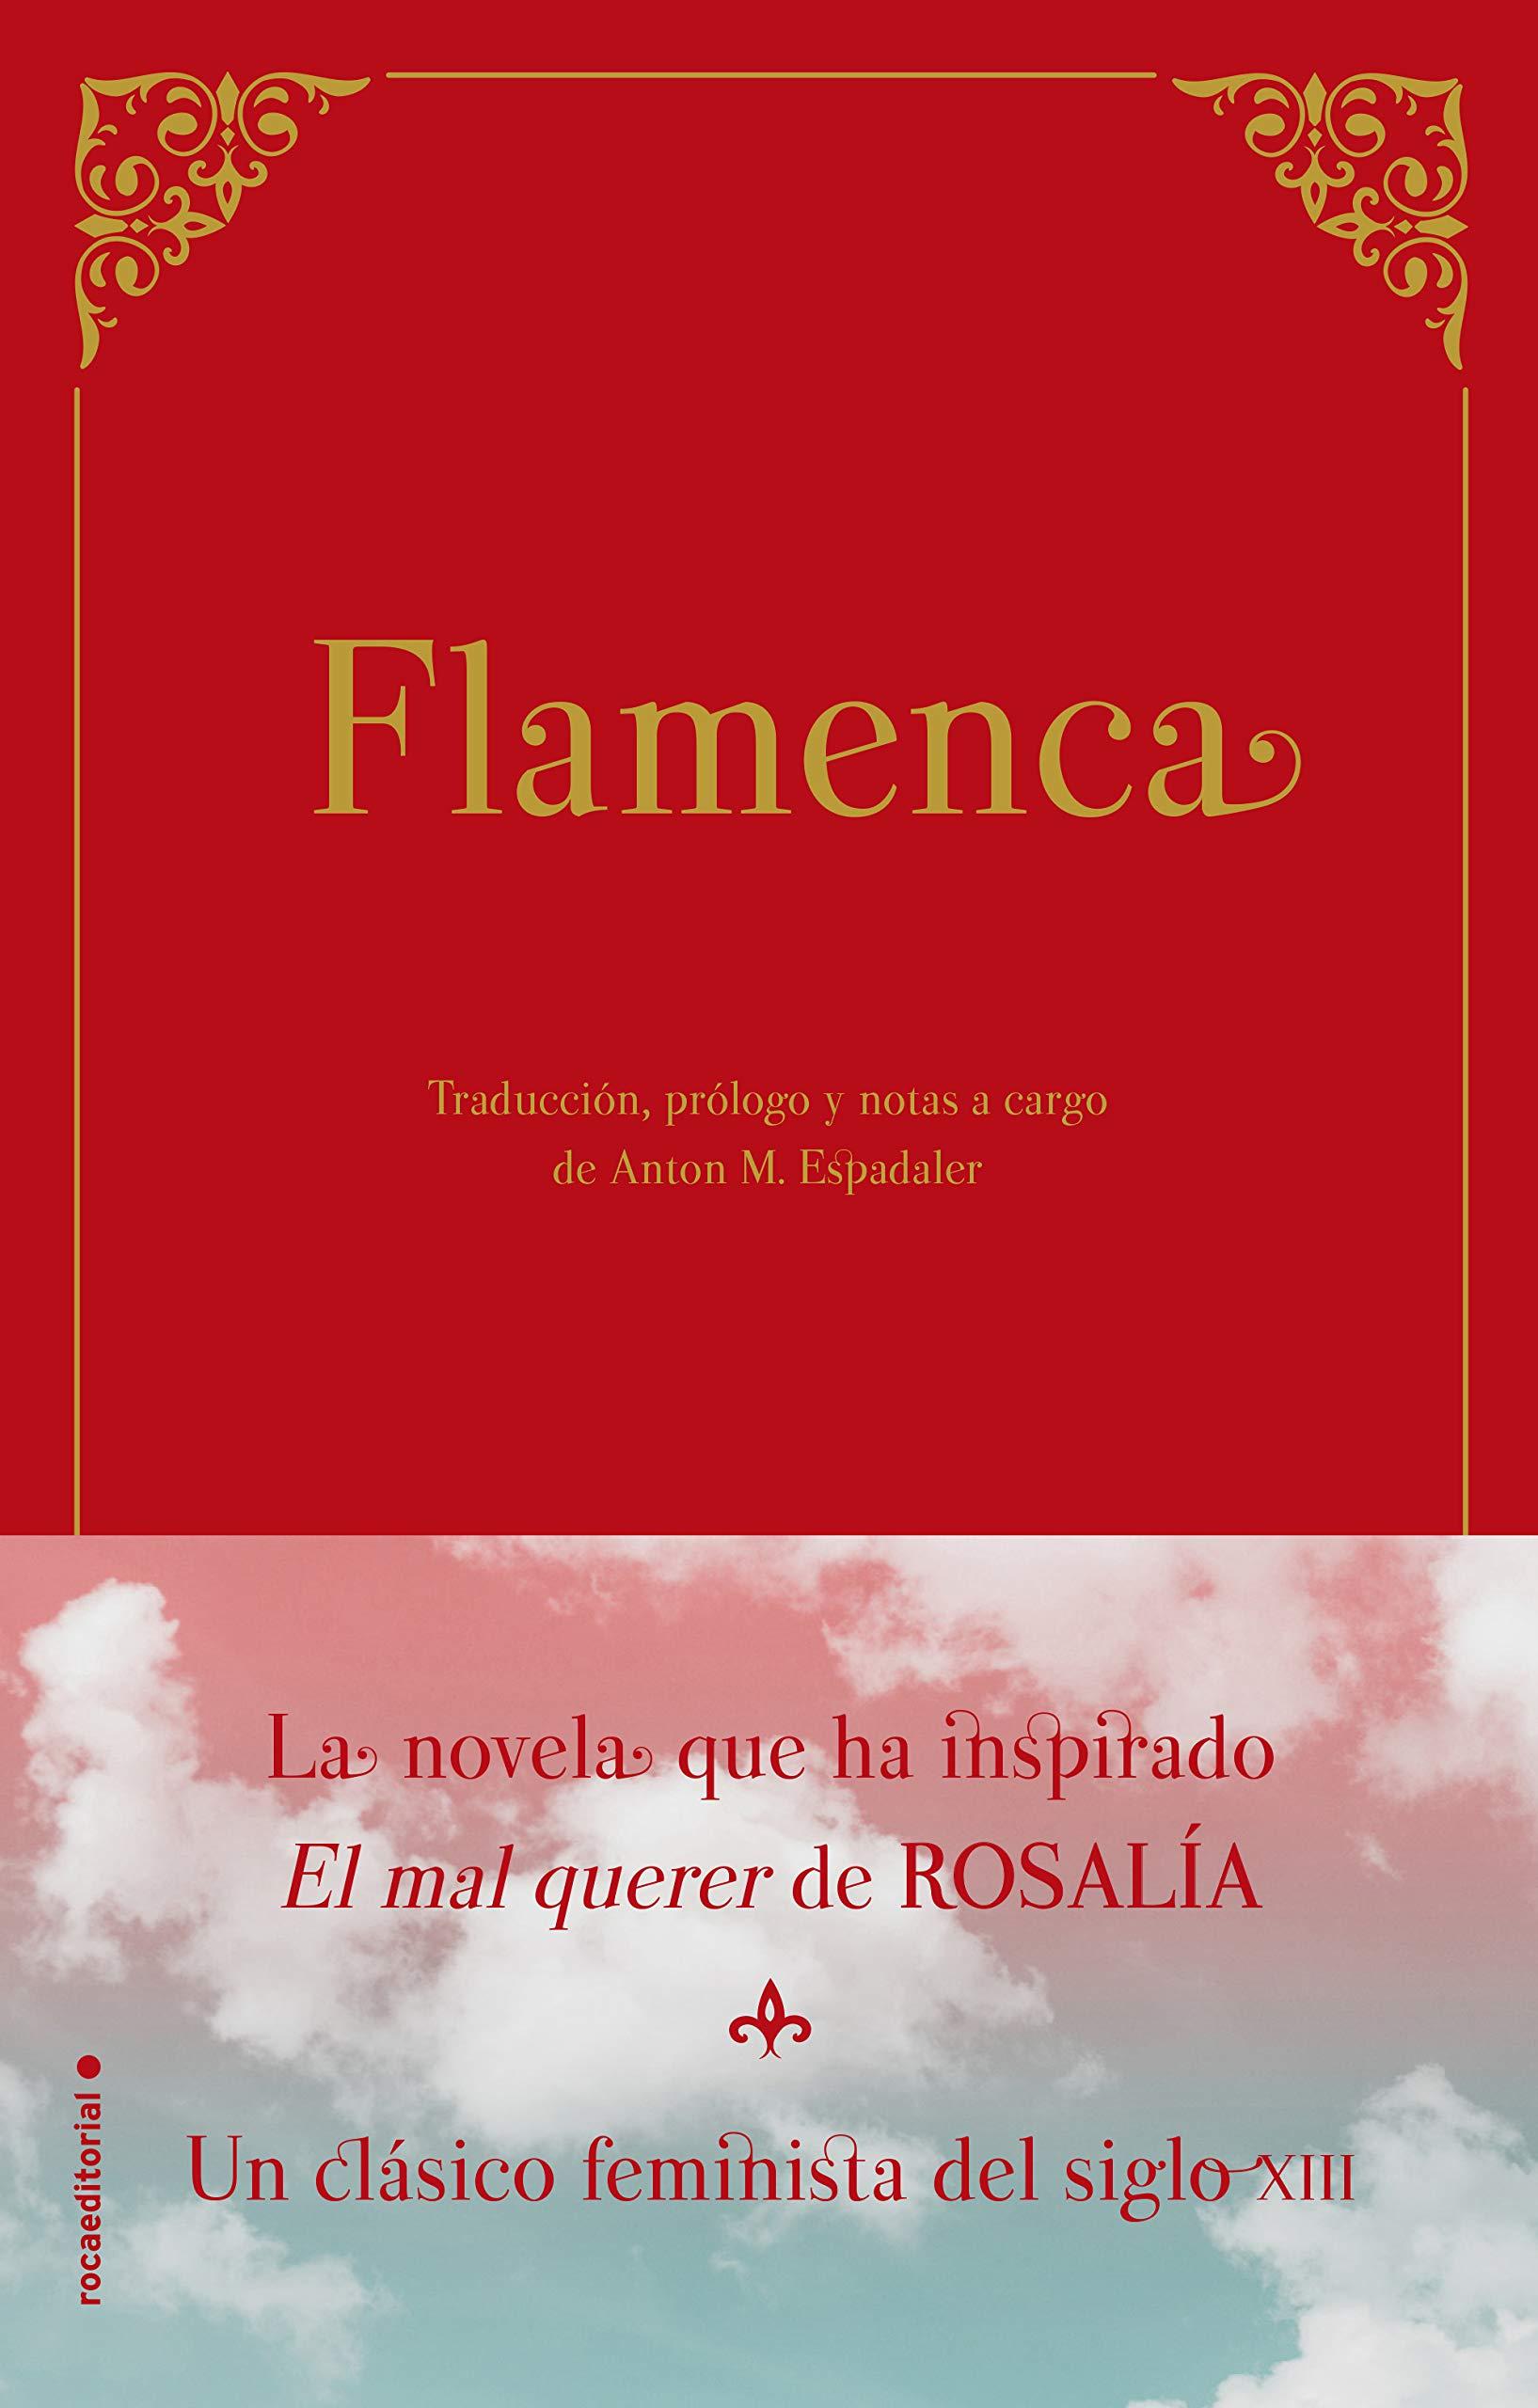 Flamenca (Novela)